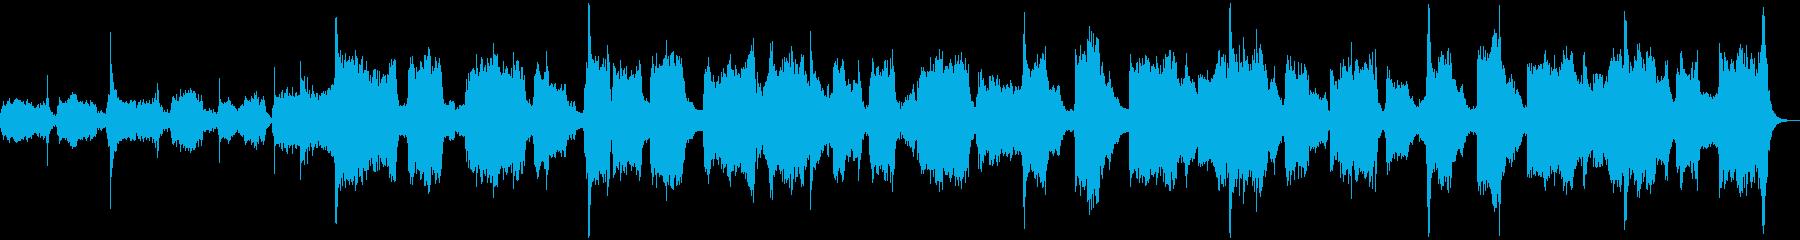 日本の癒し!雅楽の名曲「越天楽」の再生済みの波形